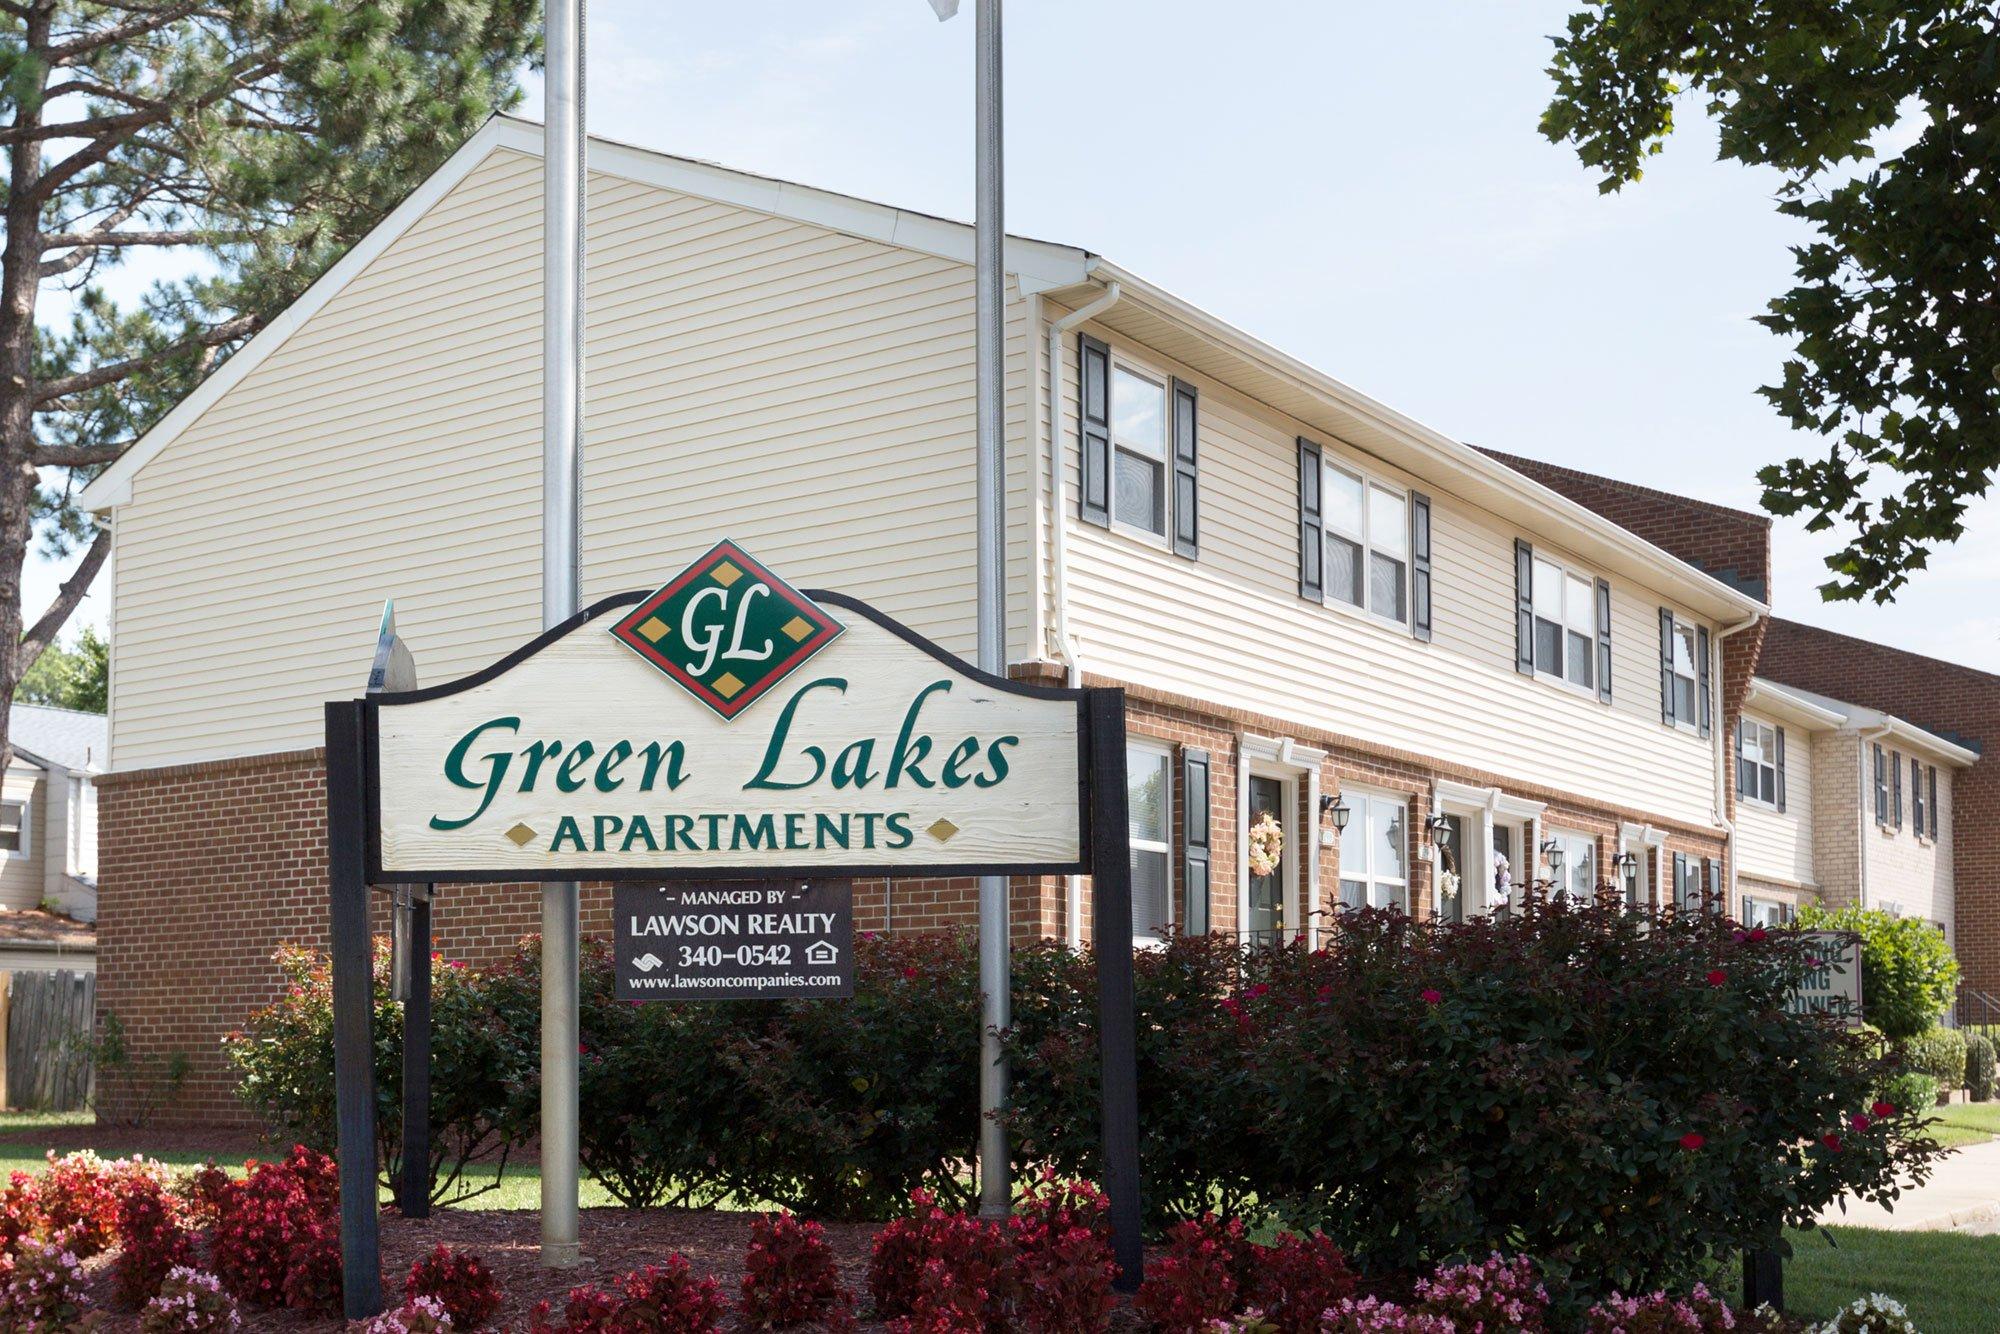 Green Lakes Apartments